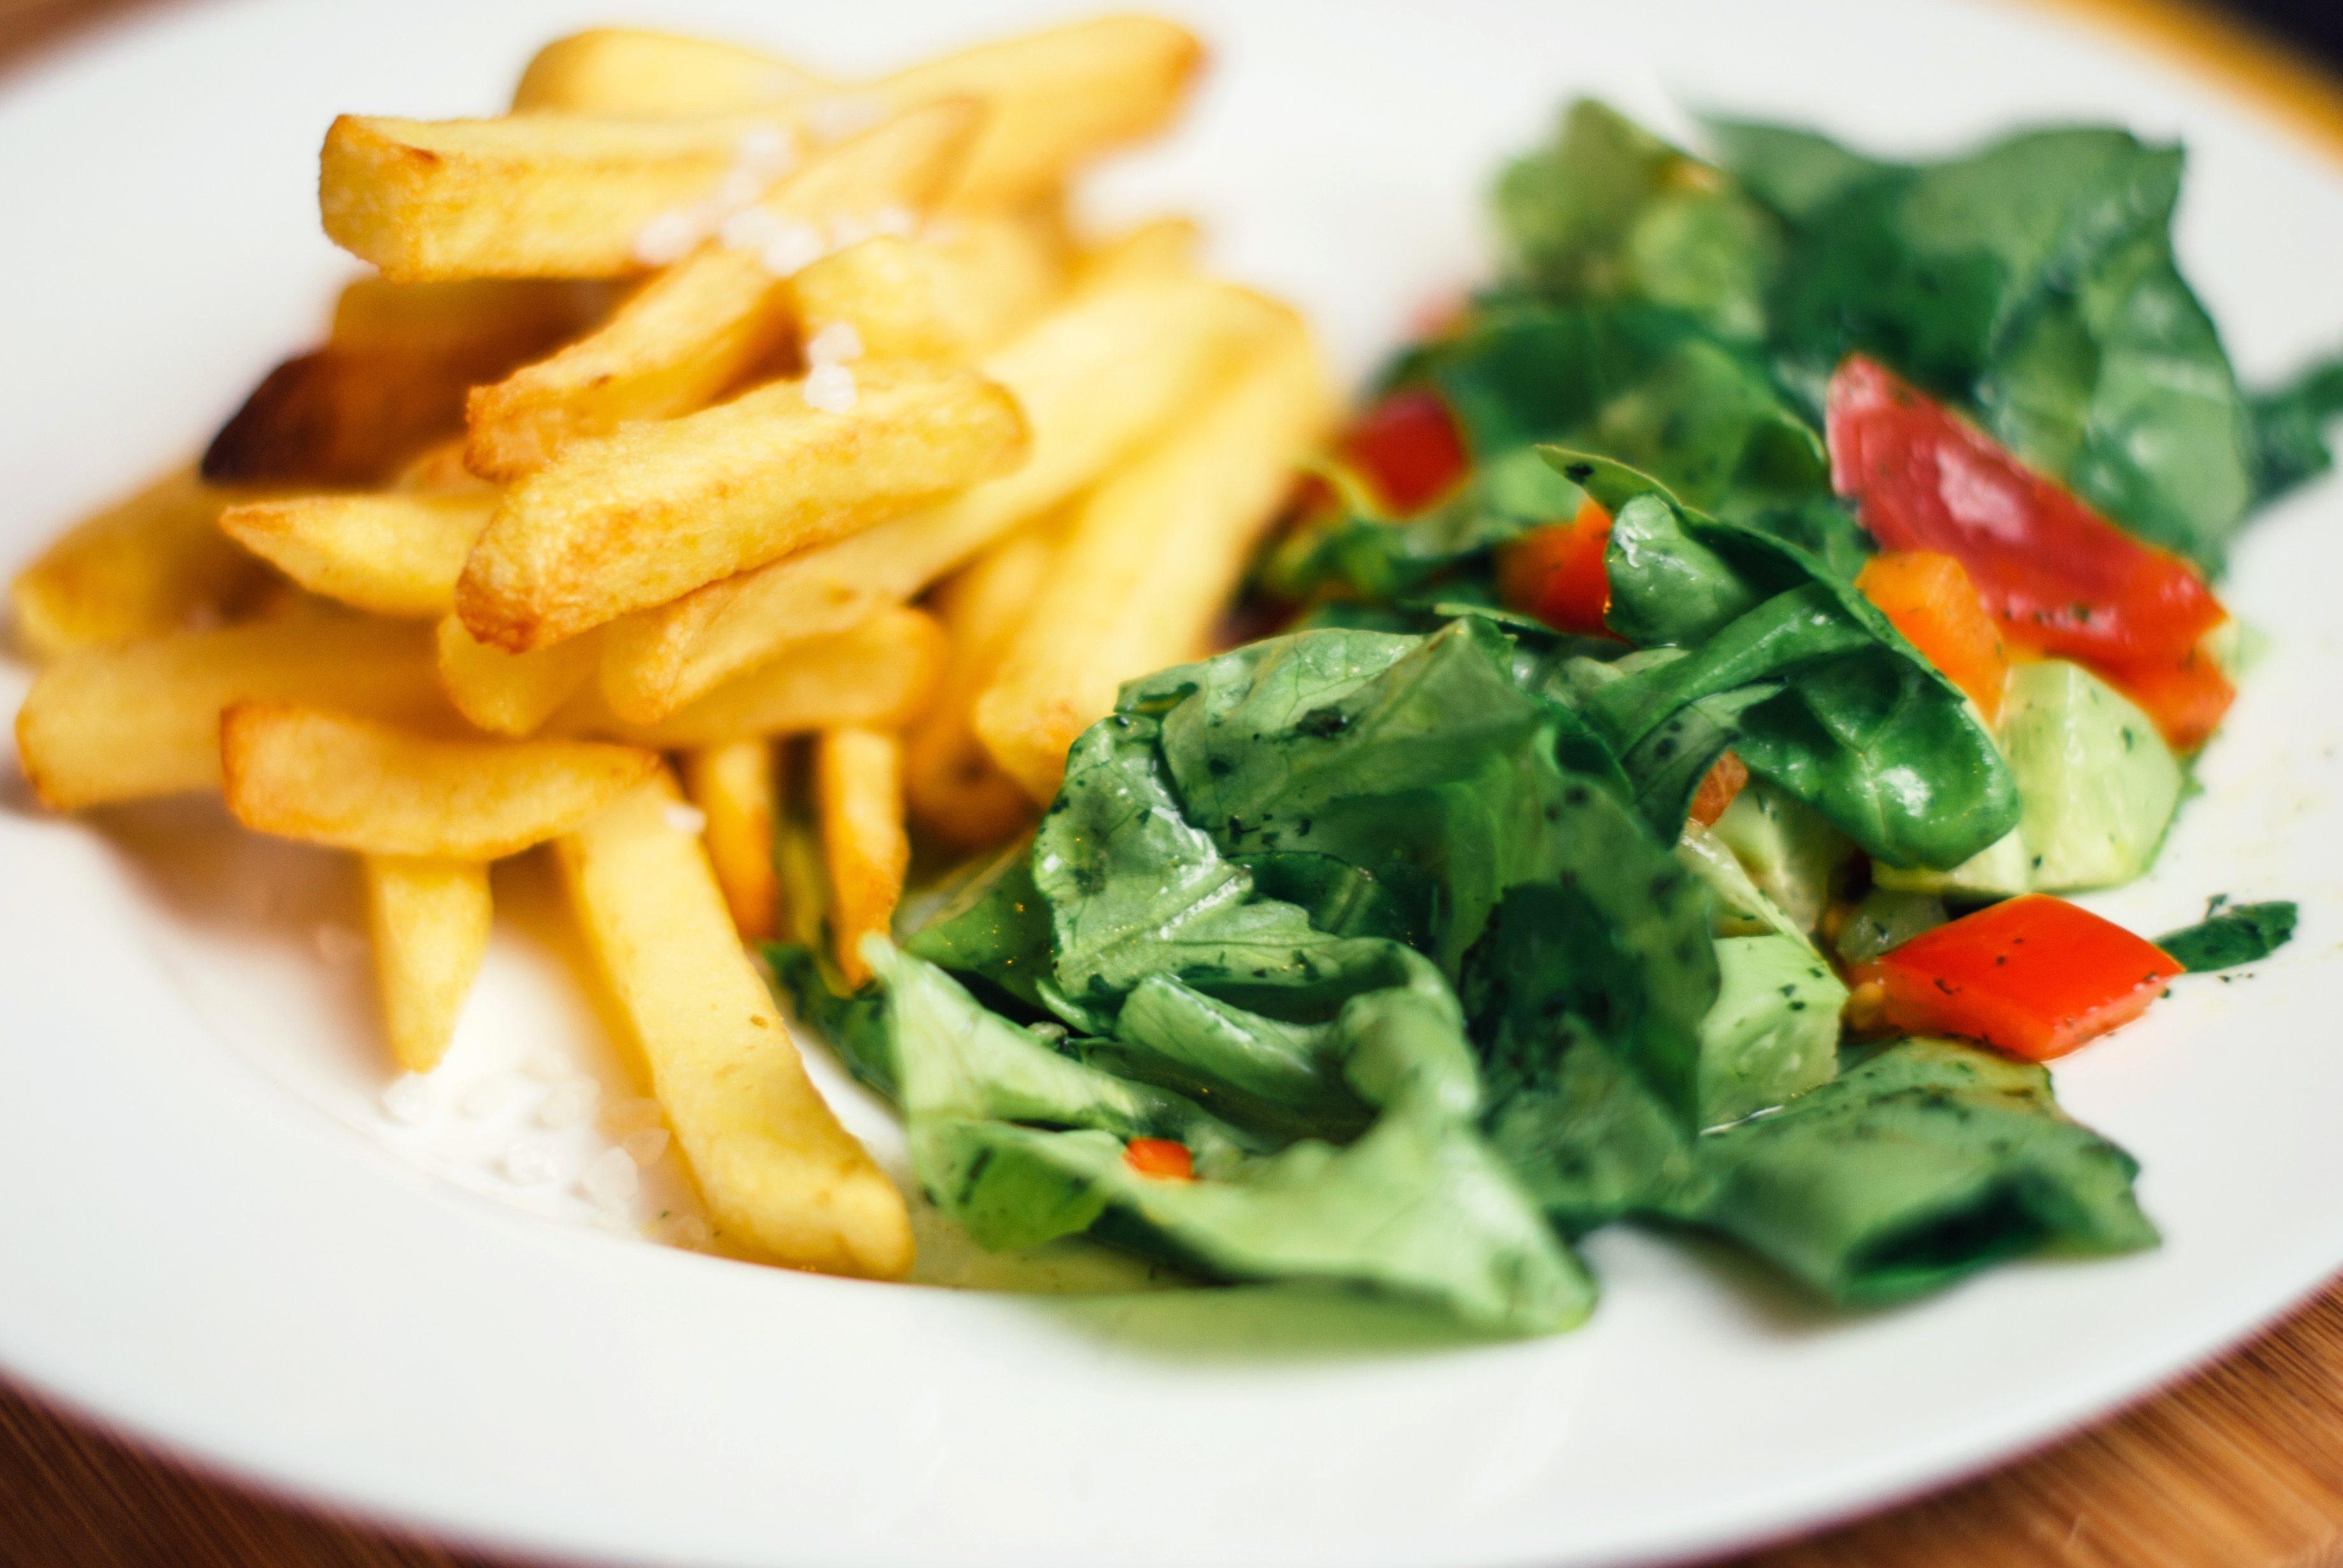 Image Libre Frites Salade Régime Nourriture Légumes